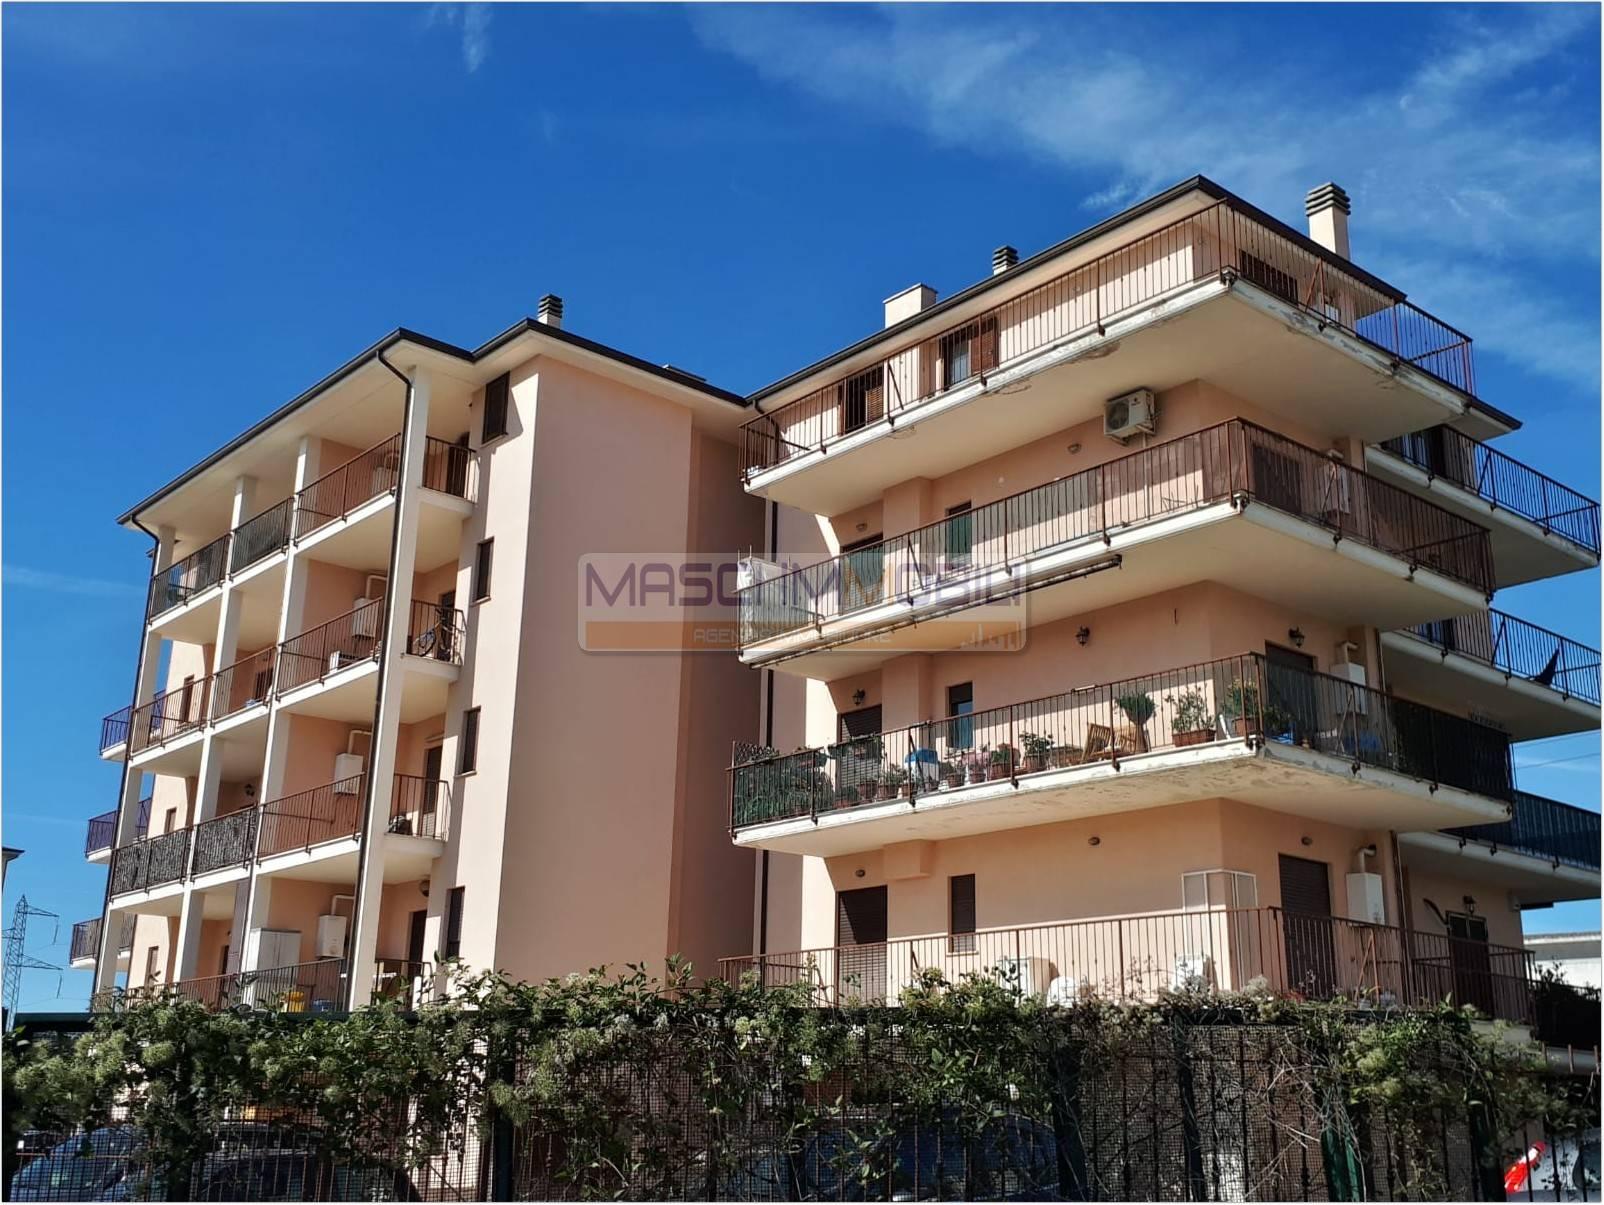 Appartamento in vendita a Fiano Romano, 2 locali, prezzo € 65.000   PortaleAgenzieImmobiliari.it